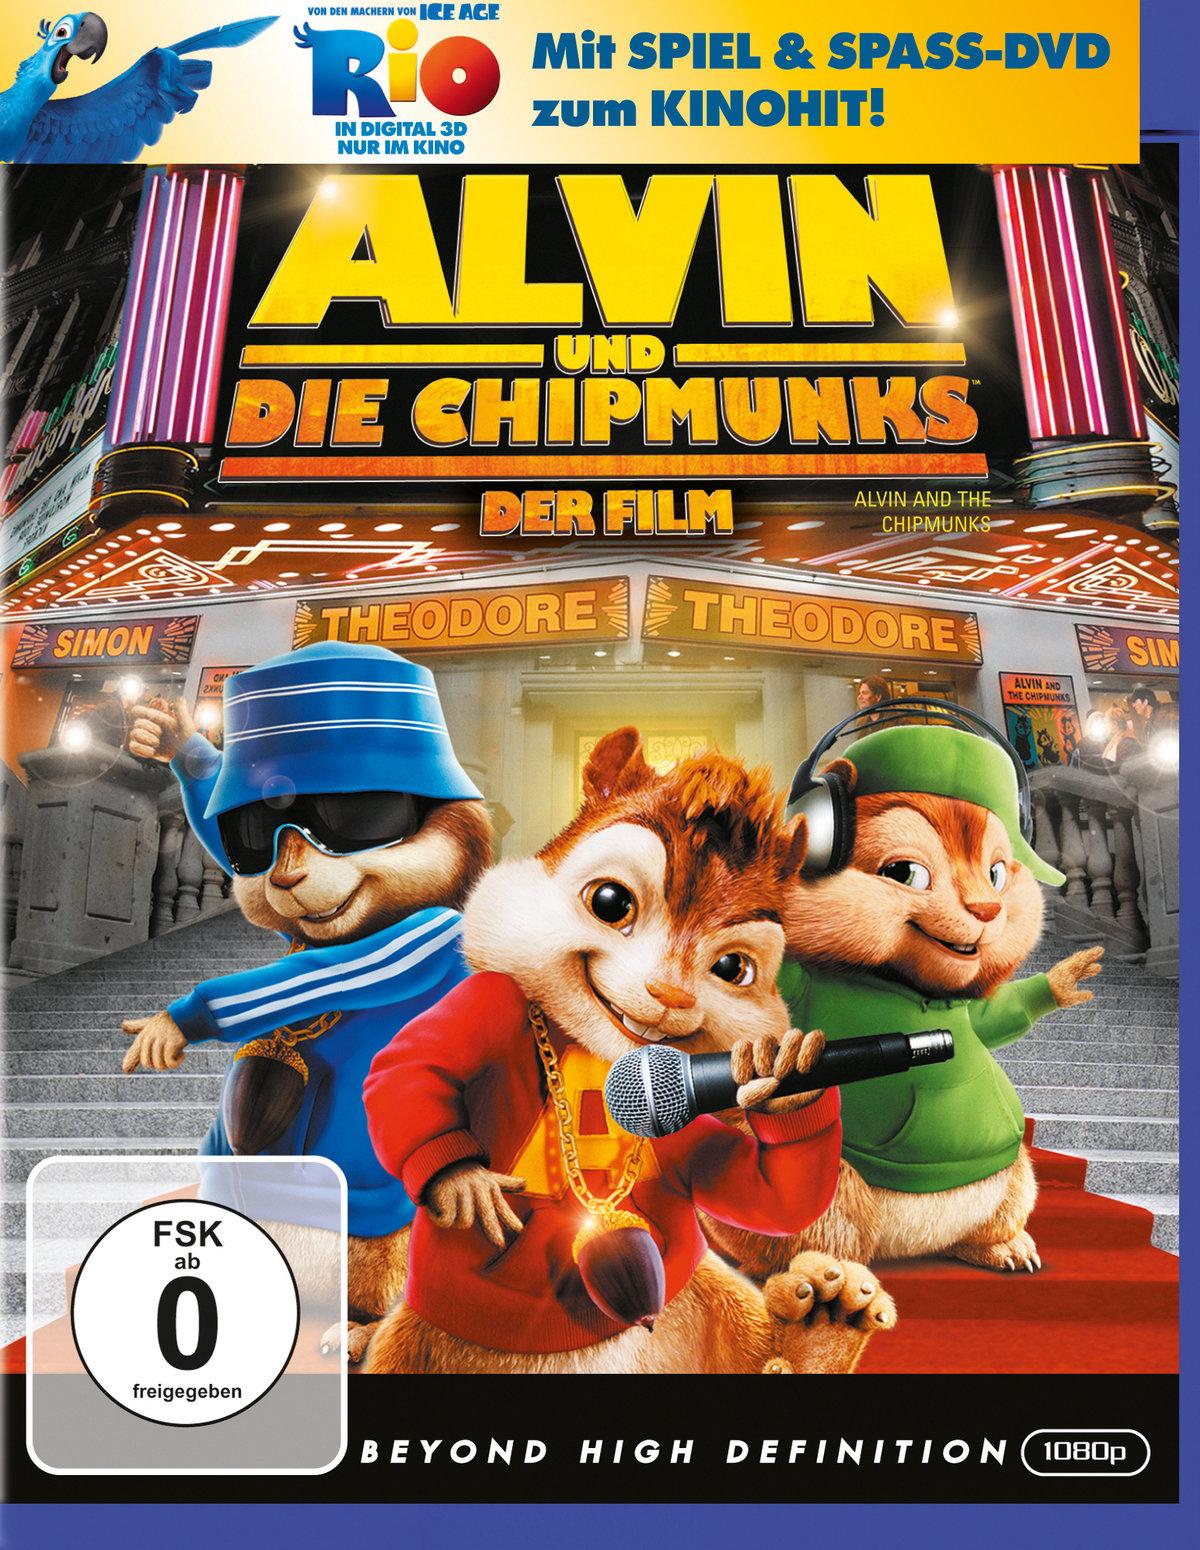 Tv Movie Spiele